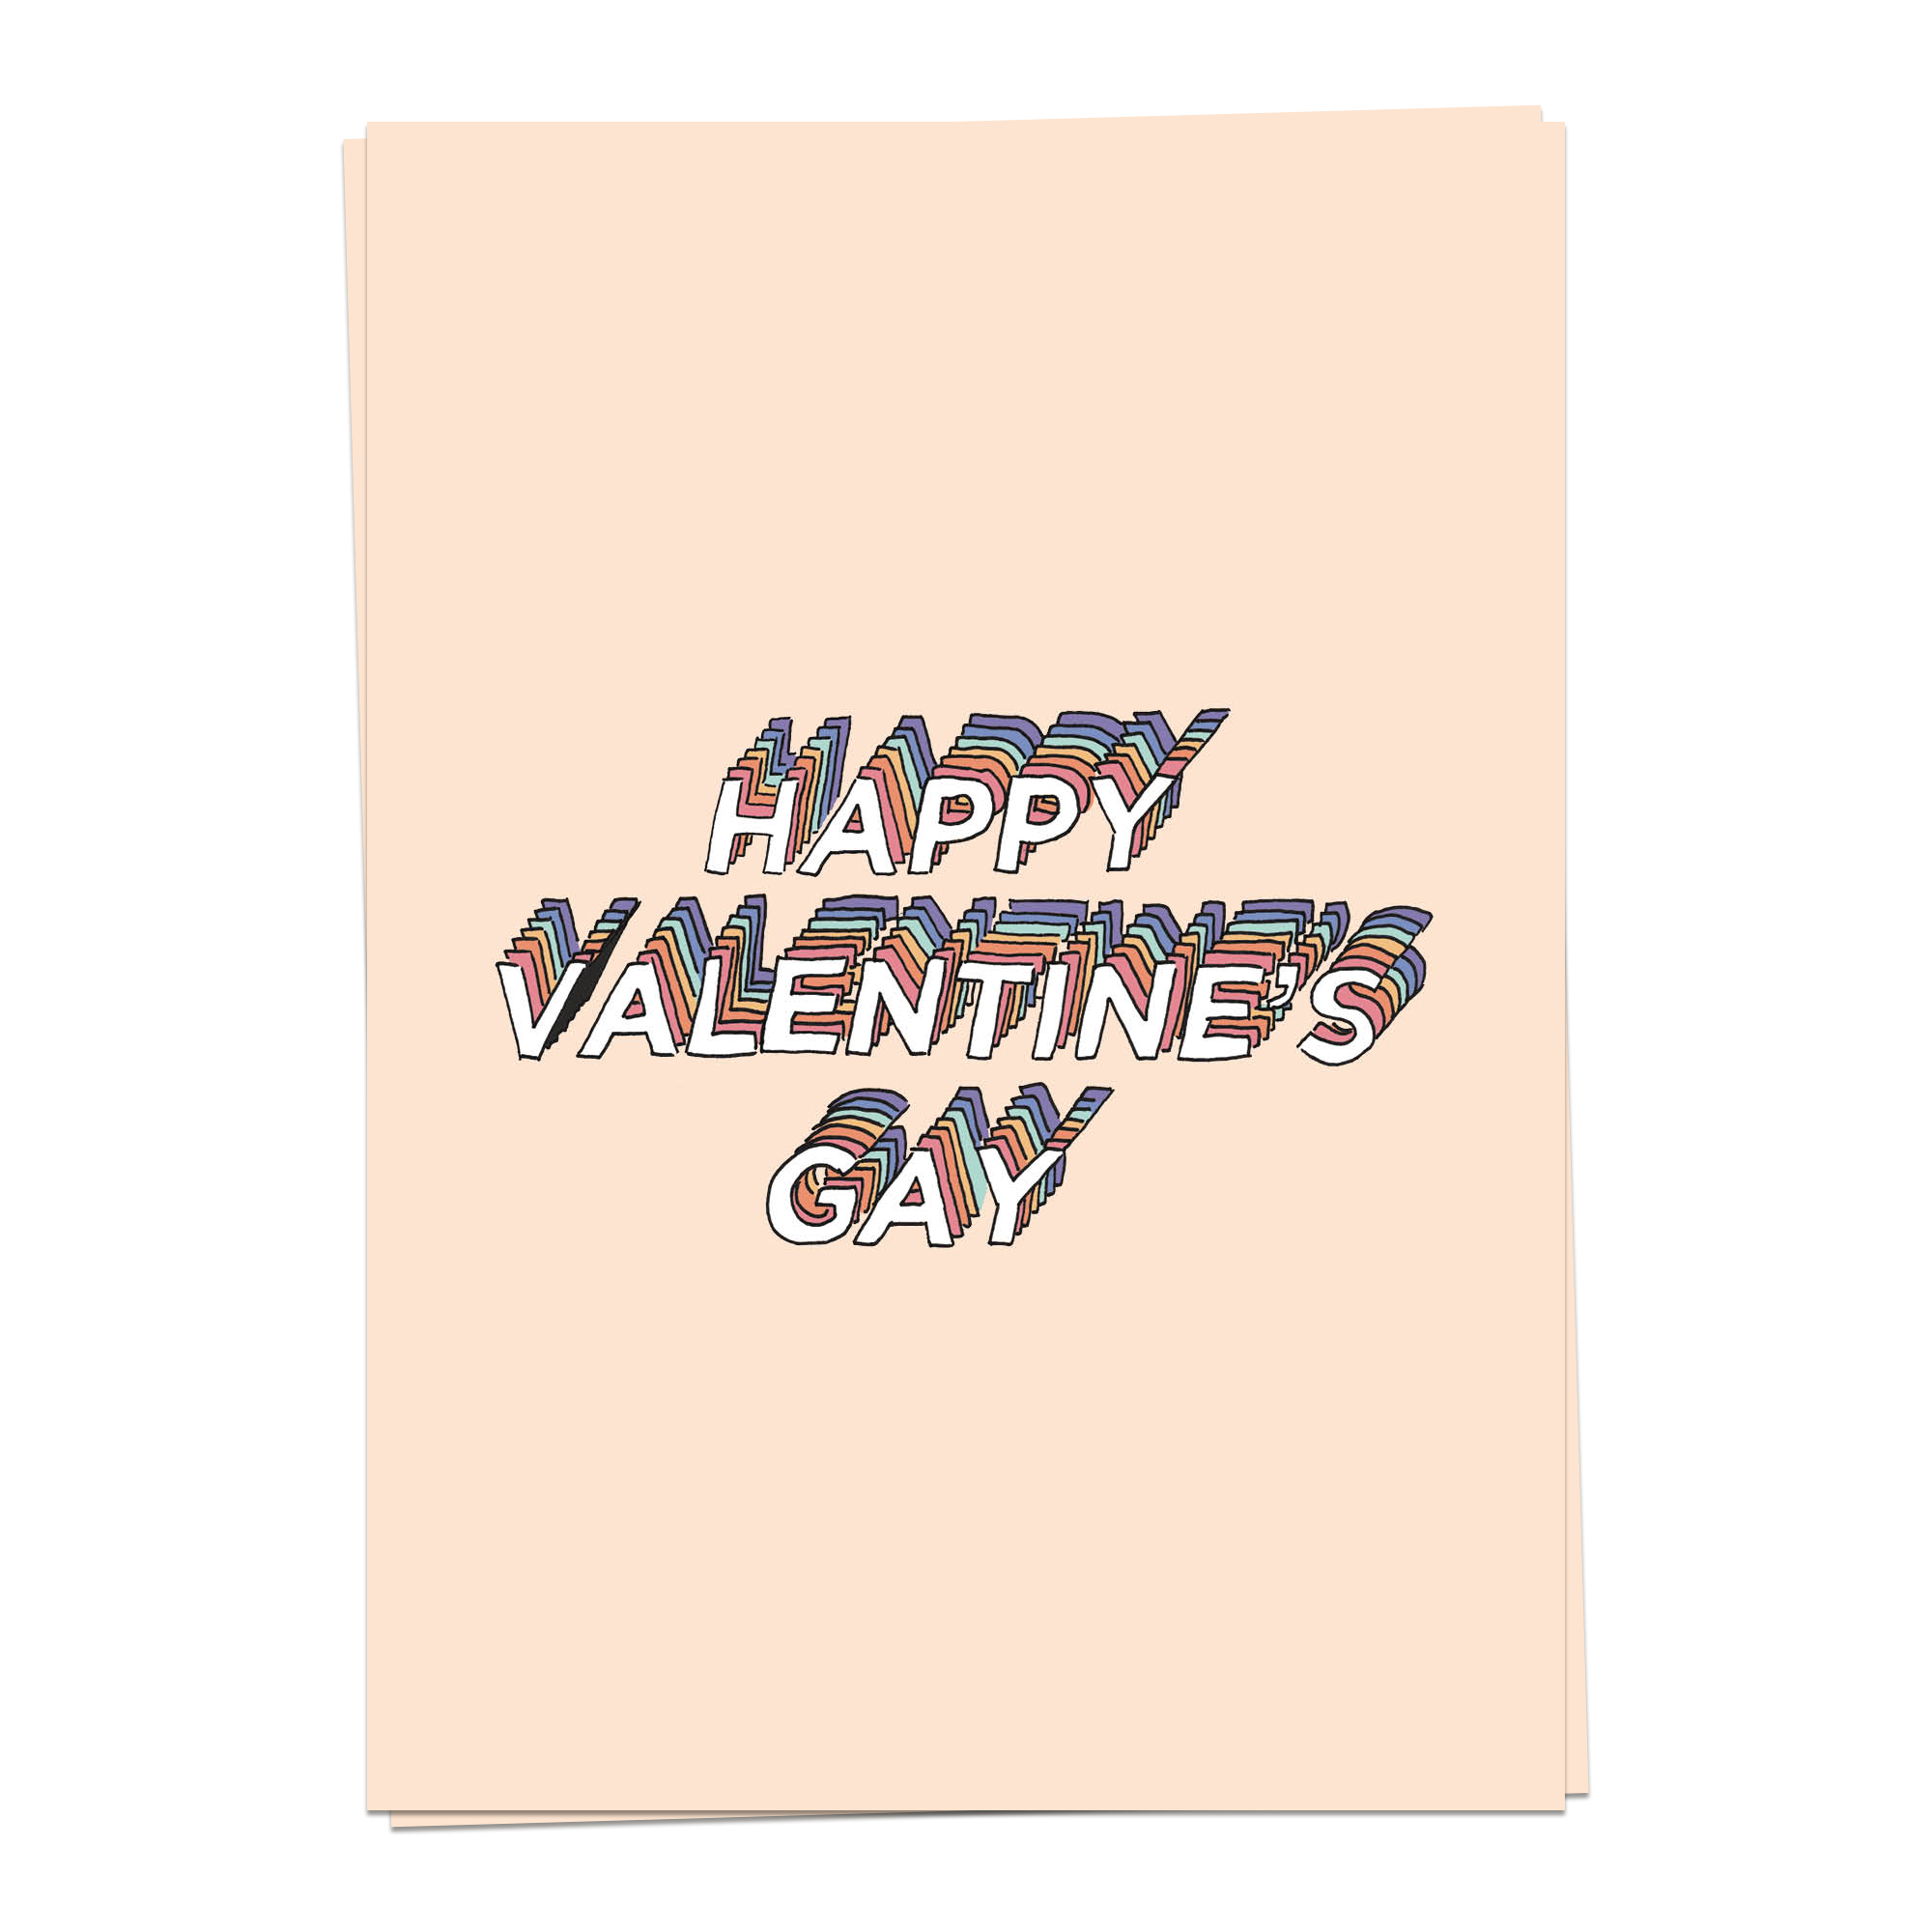 Vday - v-gay